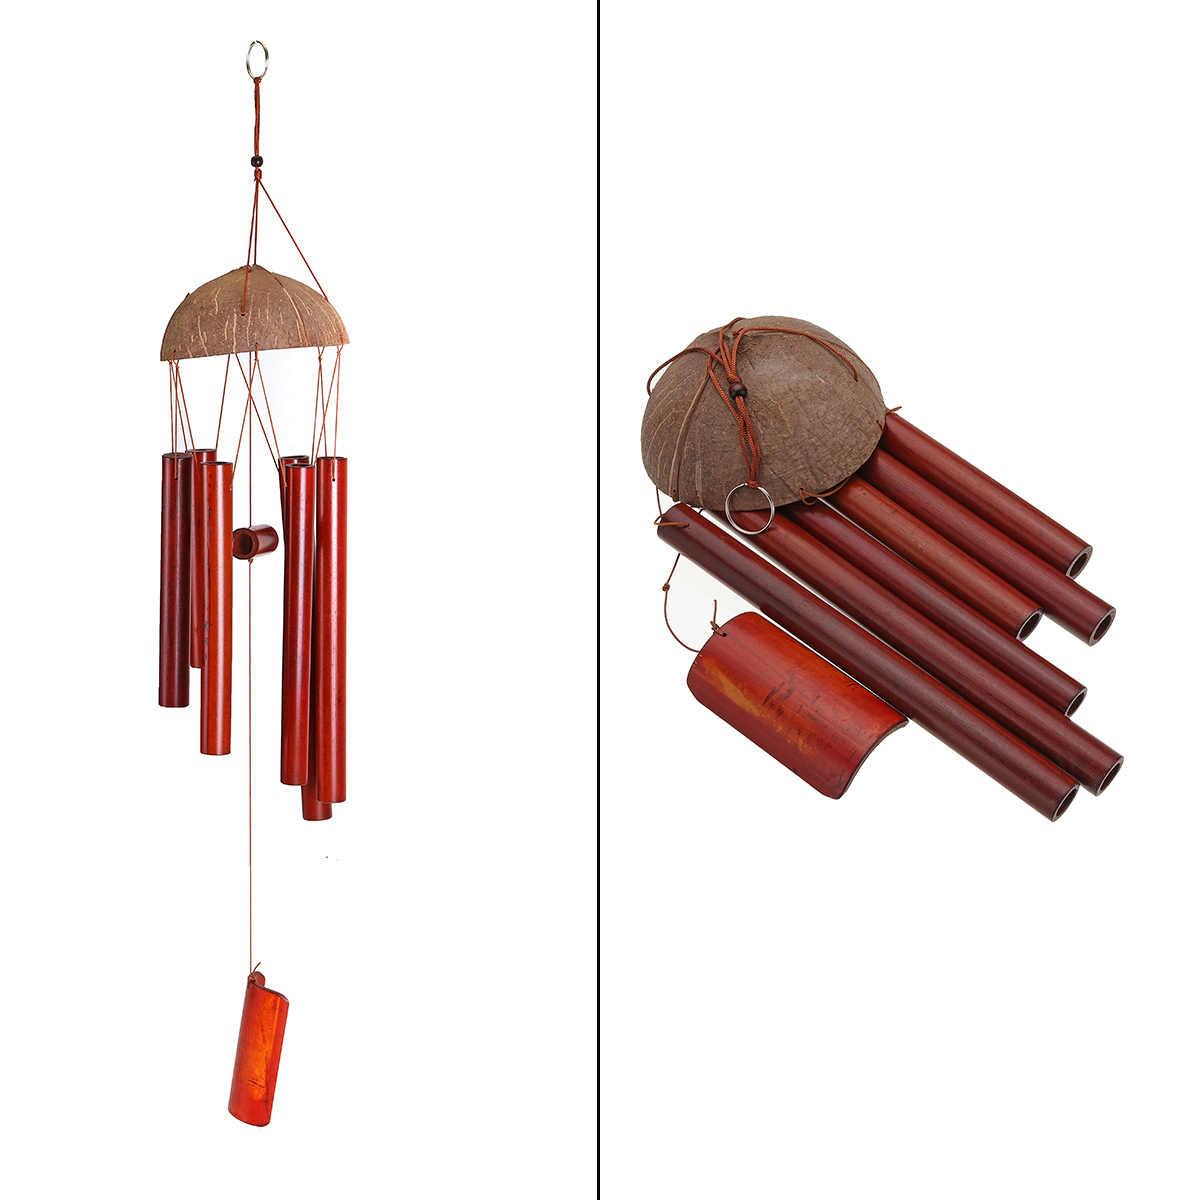 Деревенский натурального бамбука 6 трубка кокосовых волокон кулон церковный колокол Двор Сад улица дома живет Wind Chime декора ручной работы